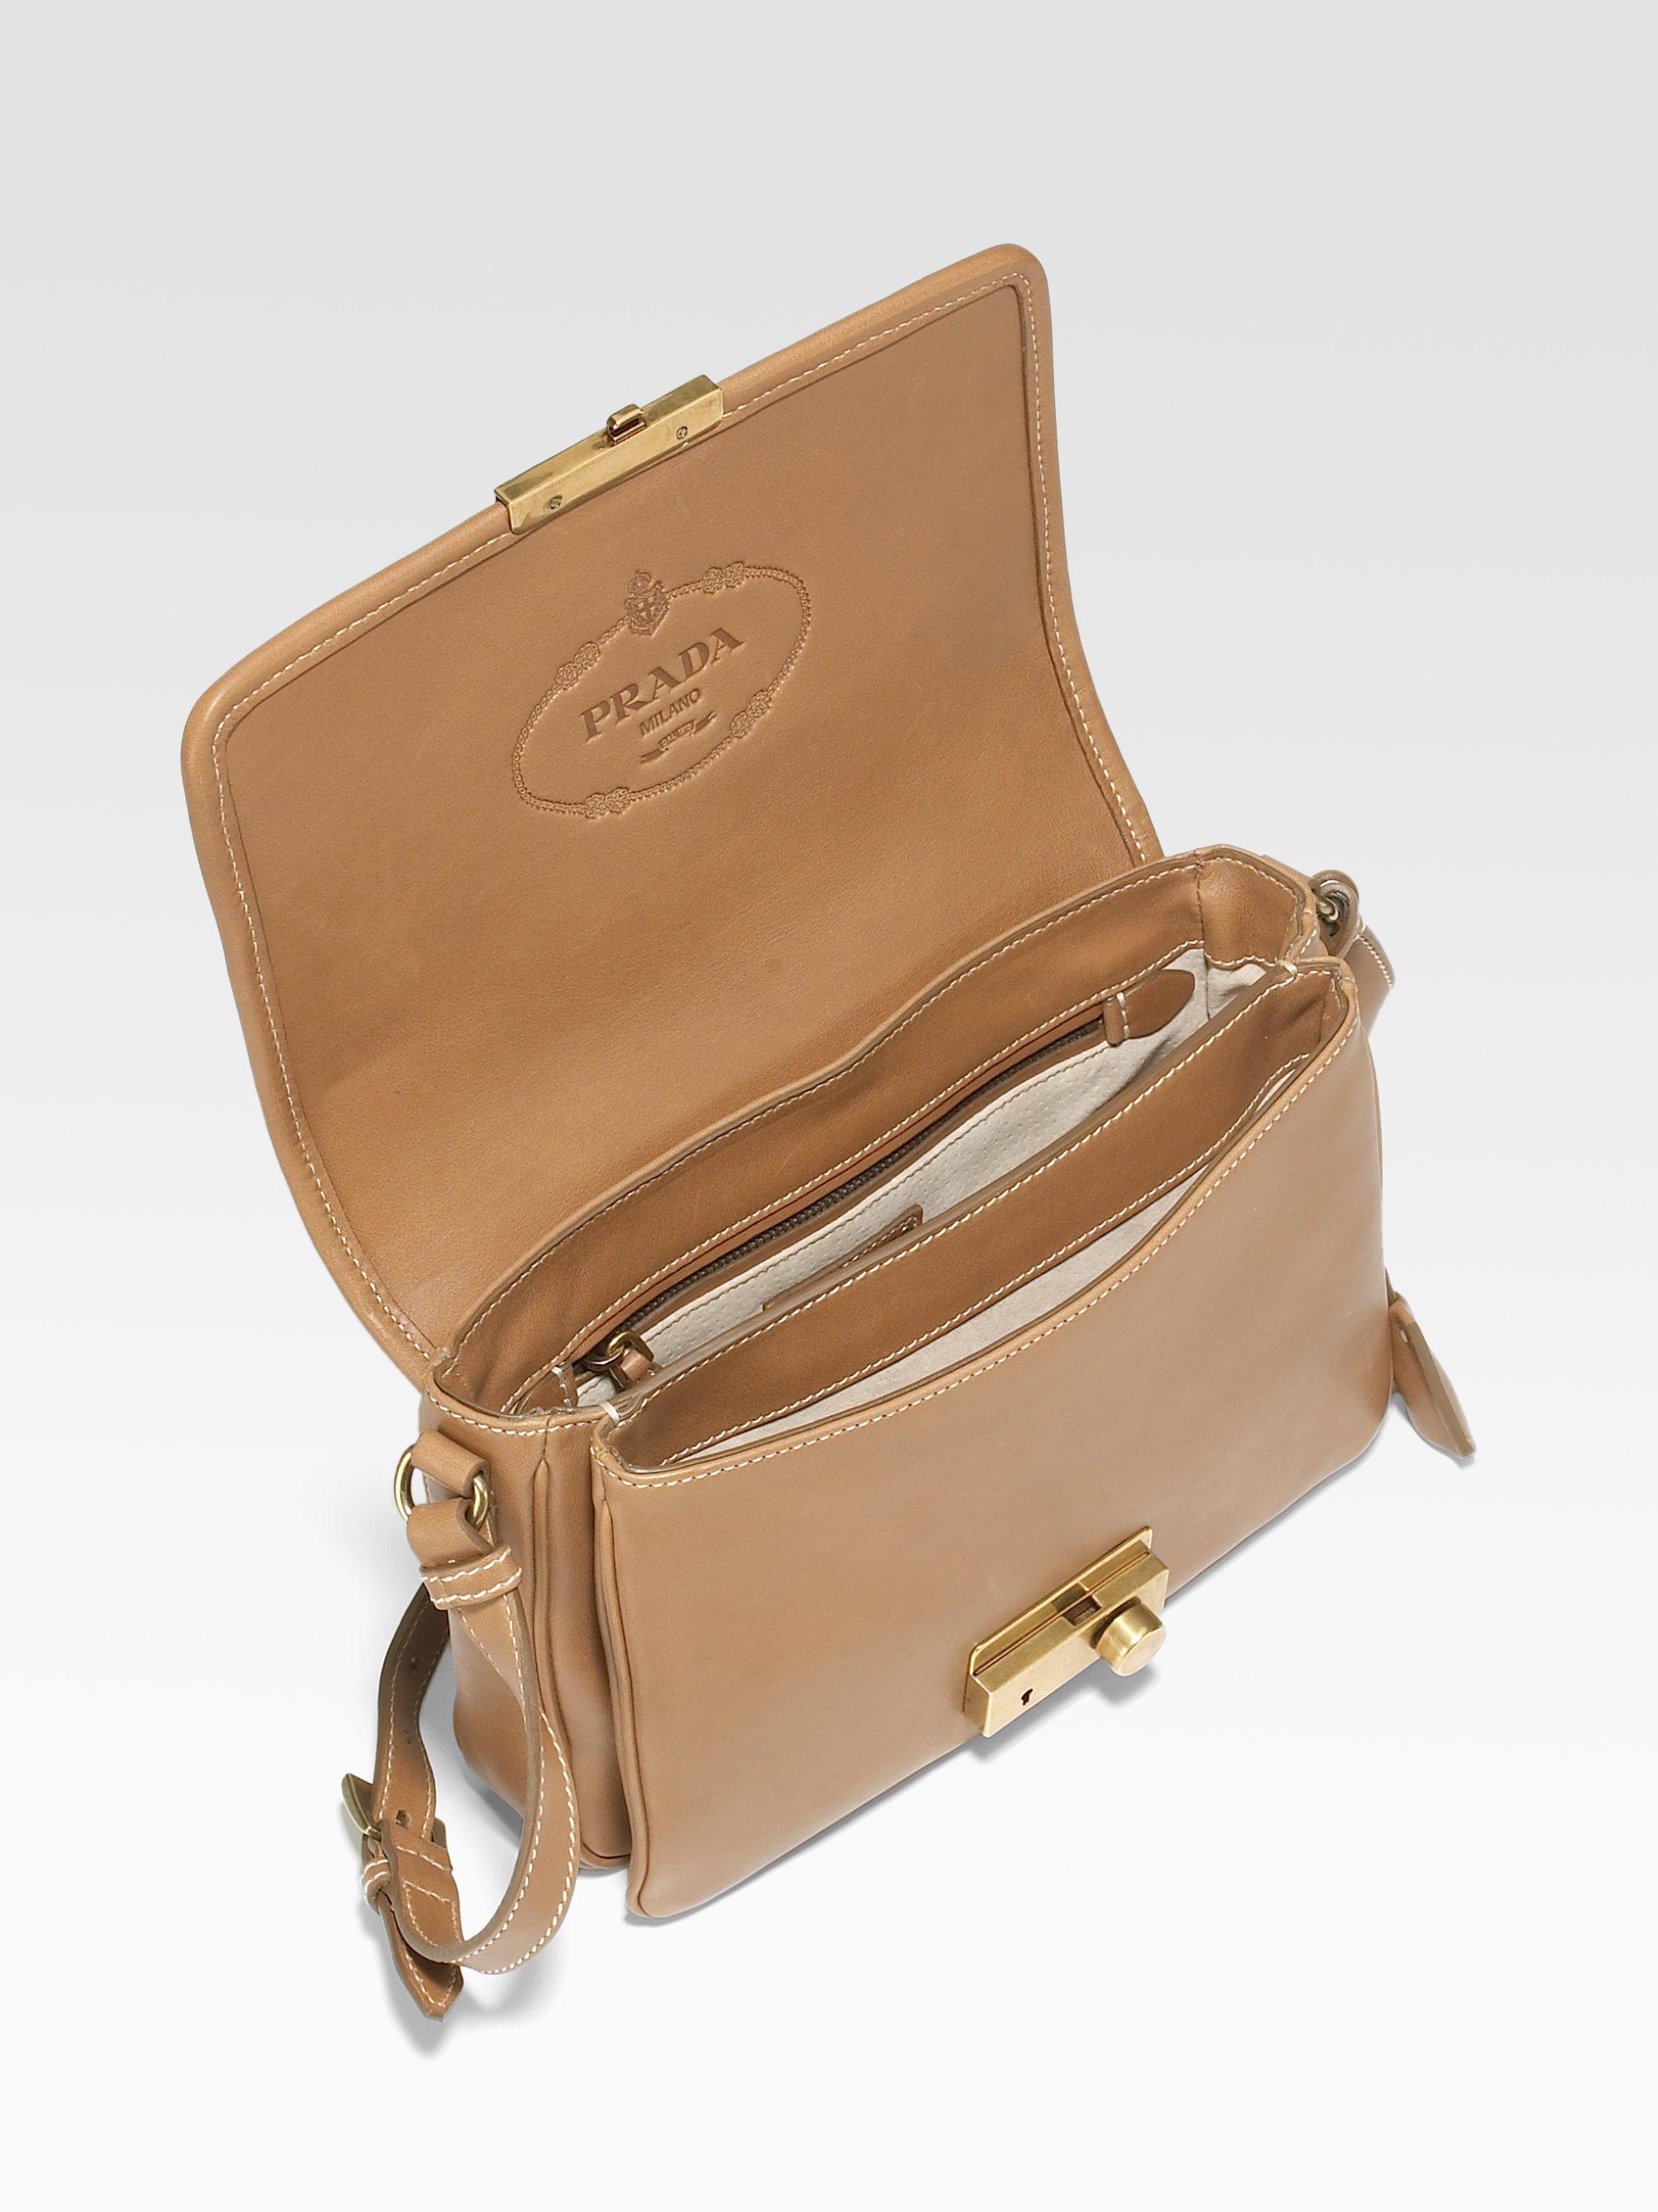 Prada City Calfskin Small Flap Shoulder Bag in Brown (tan) | Lyst